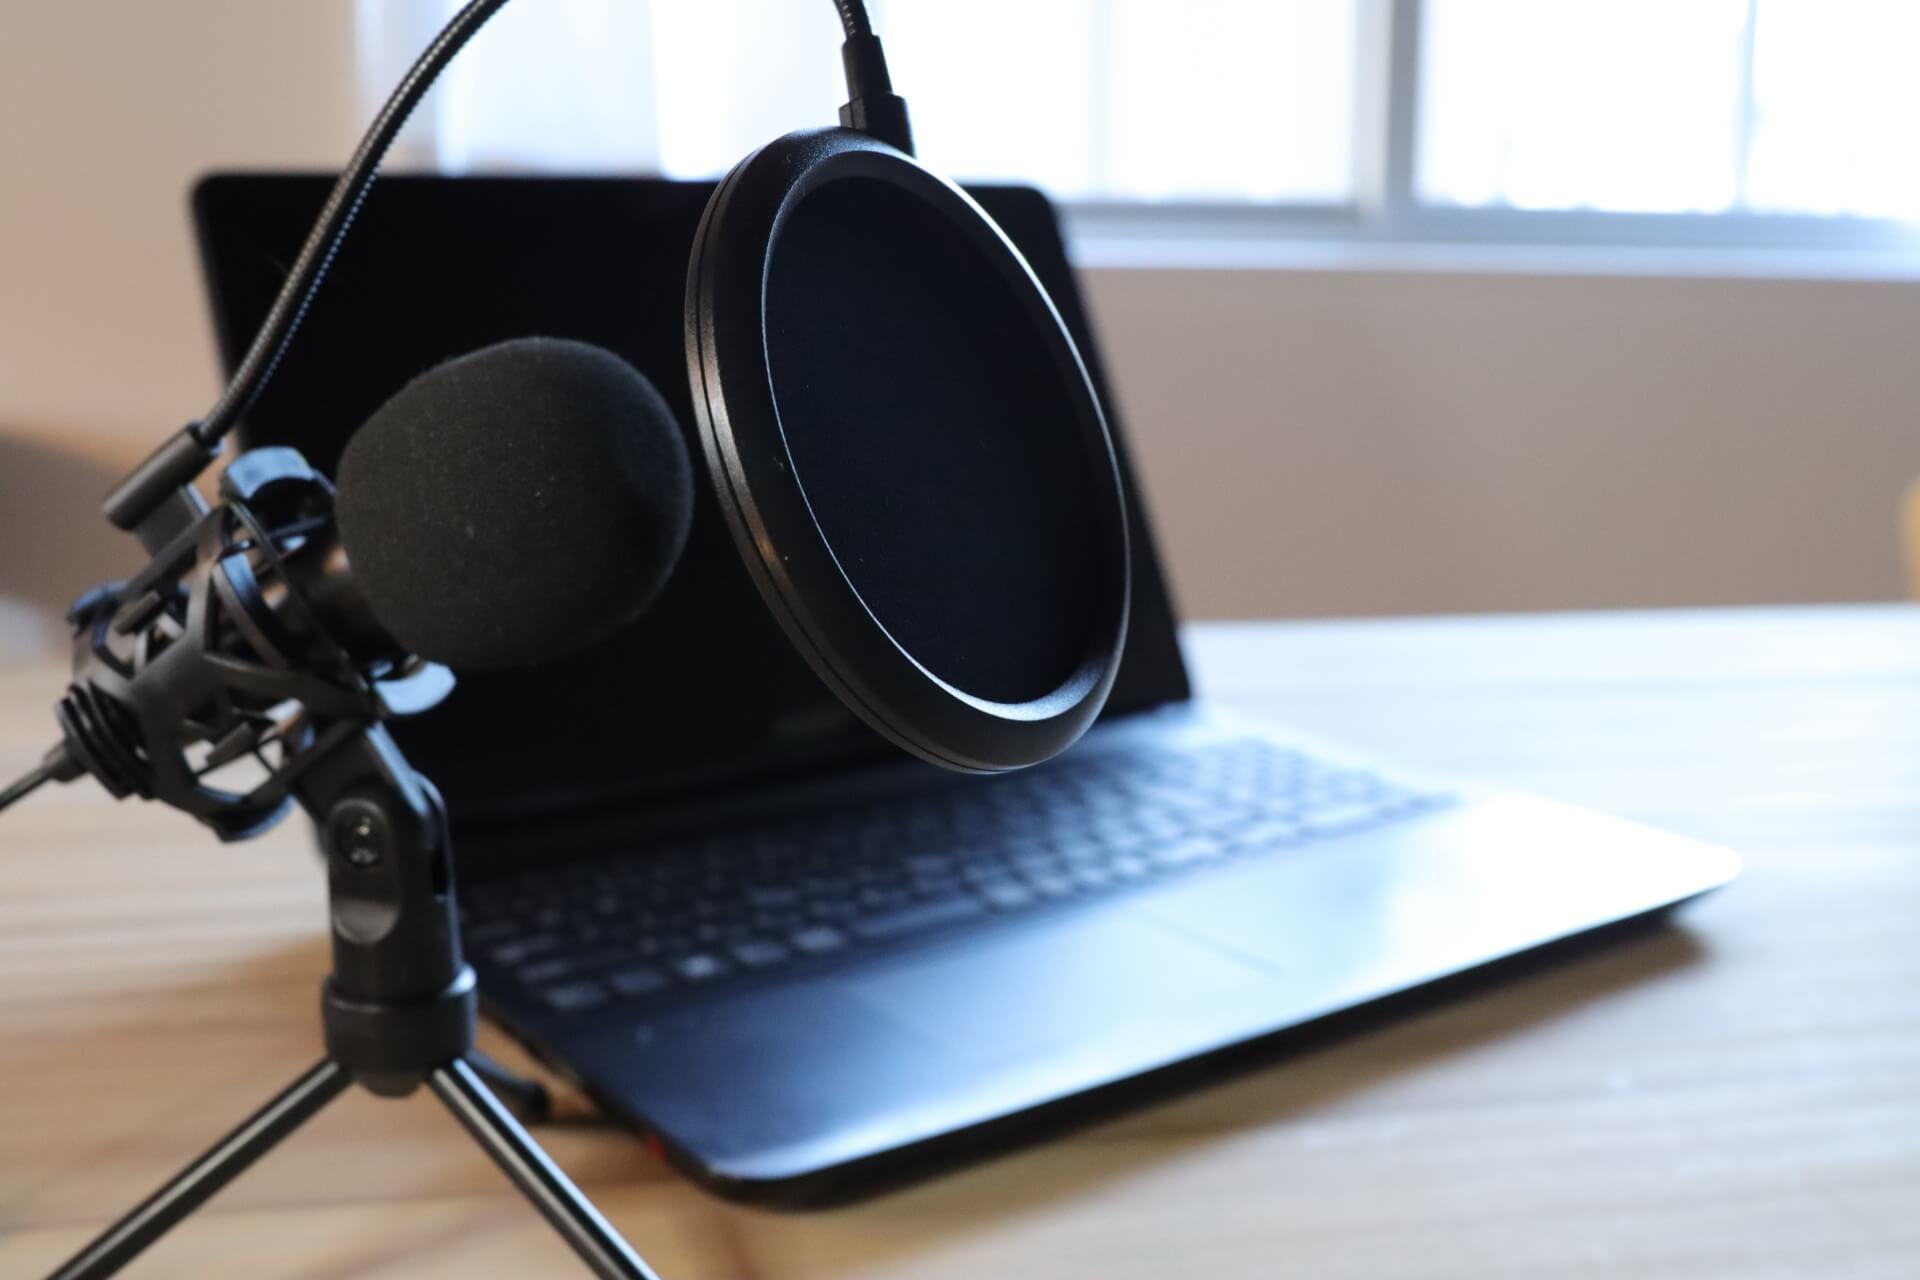 パソコンで音声を録音するときの機材の写真